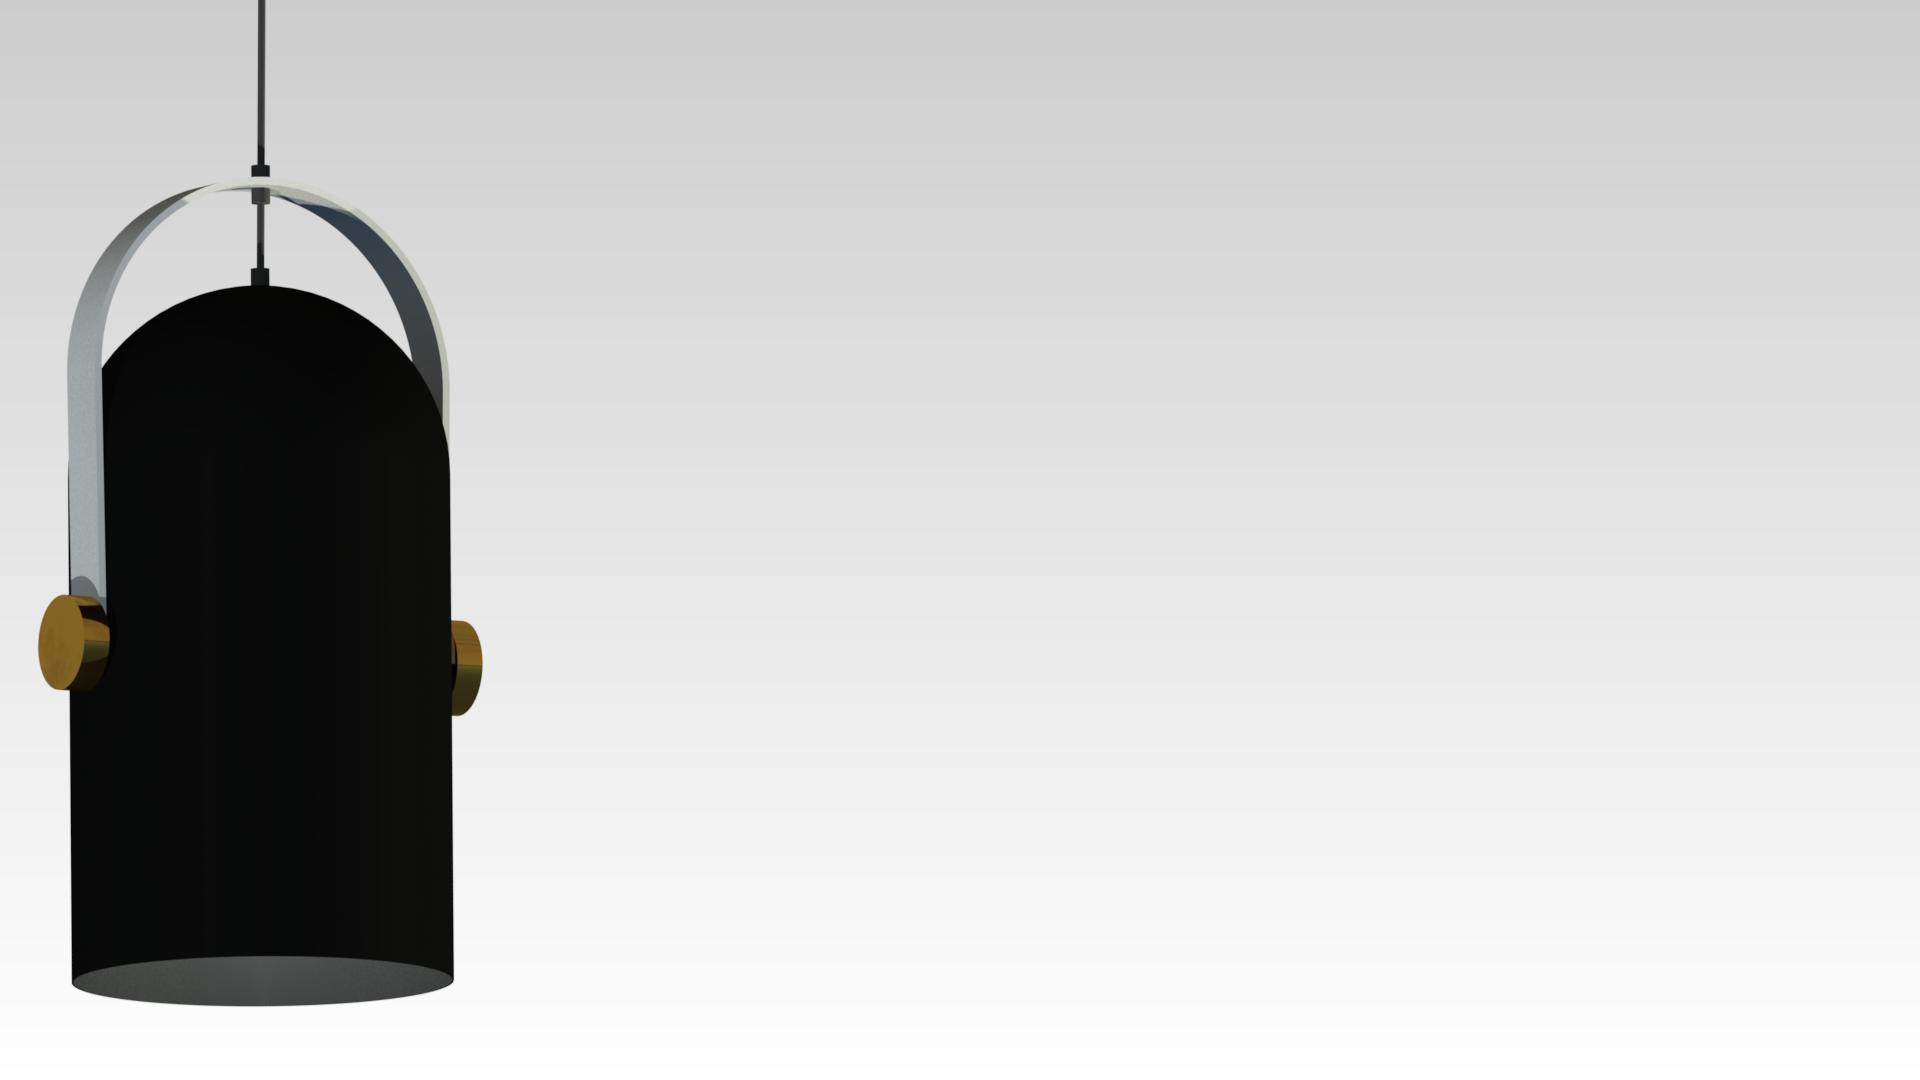 черный дизайнерский подвесной светильник для ресторана